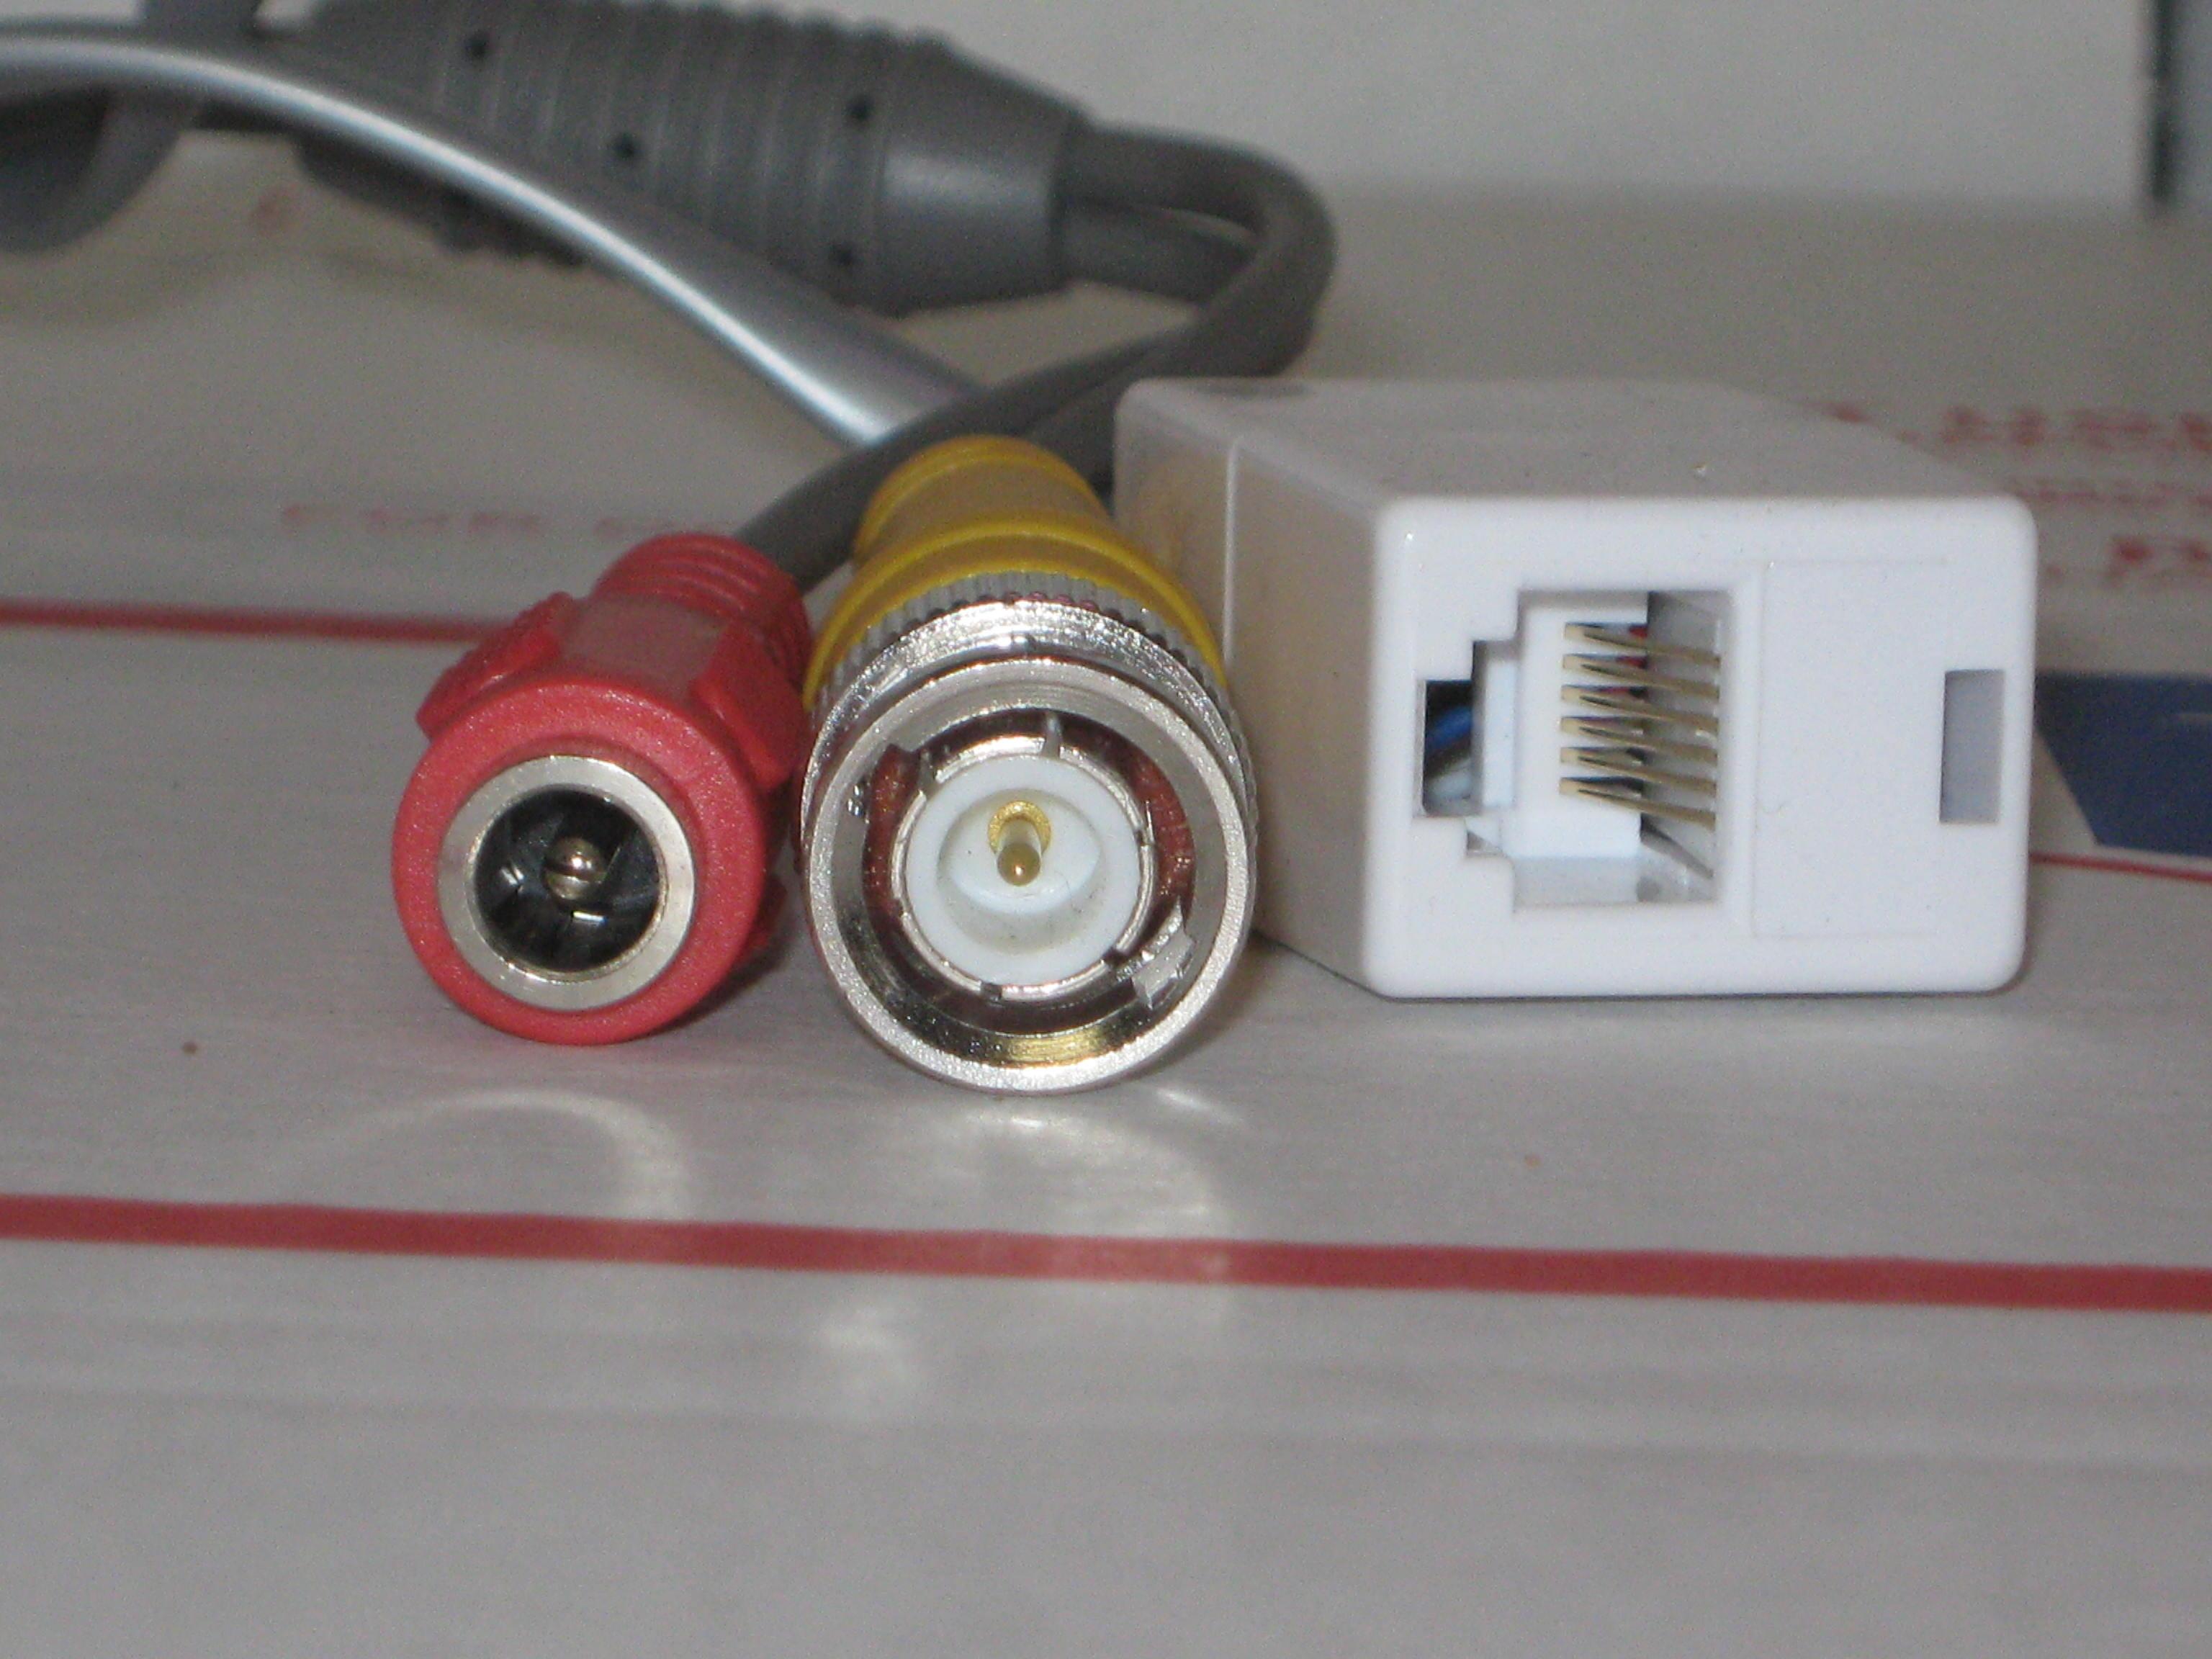 SOC-N120 Adapter